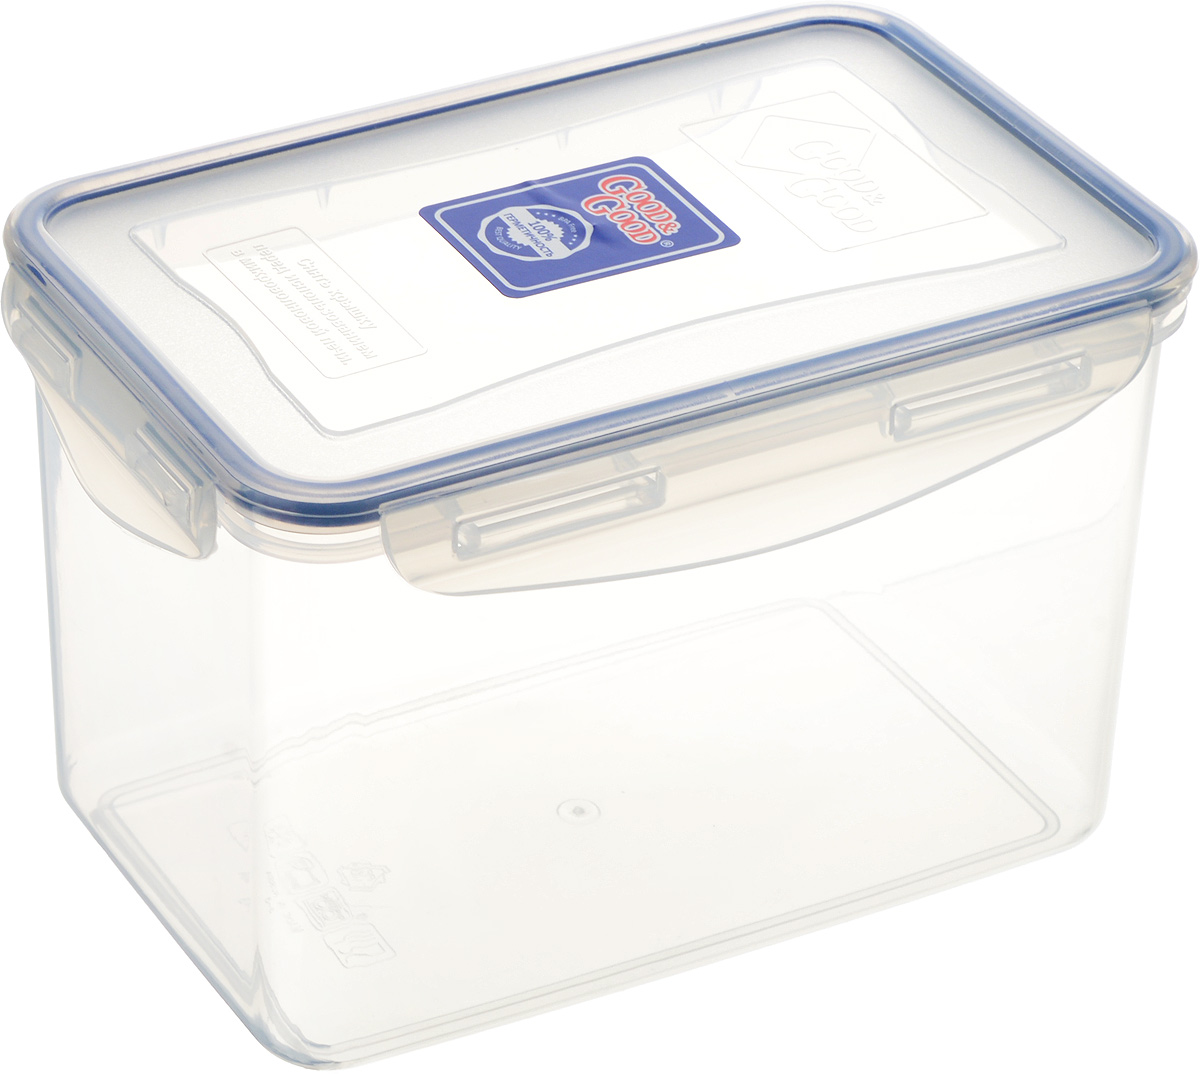 Контейнер пищевой Good&Good, цвет: прозрачный, темно-синий, 2,2 л3-3_прозрачный, темно-синийПрямоугольный контейнер Good&Good изготовлен из высококачественного полипропилена и предназначен для хранения любых пищевых продуктов. Благодаря особым технологиям изготовления, лотки в течение времени службы не меняют цвет и не пропитываются запахами. Крышка с силиконовой вставкой герметично защелкивается специальным механизмом. Контейнер Good&Good удобен для ежедневного использования в быту.Можно мыть в посудомоечной машине и использовать в микроволновой печи.Размер контейнера (с учетом крышки): 20 х 13,5 х 13 см.